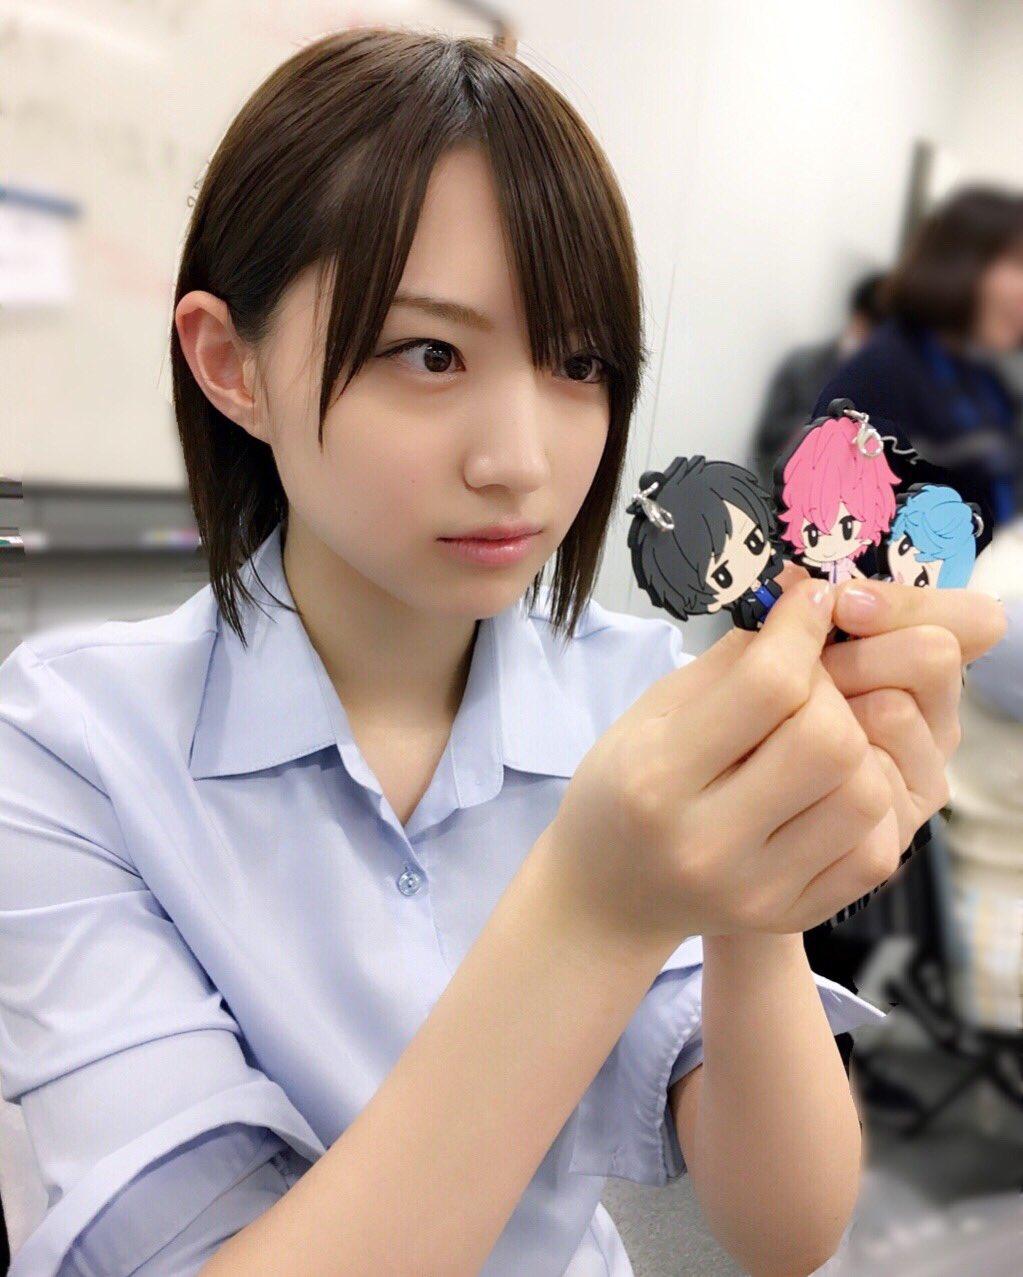 太田夢莉のショートカット画像